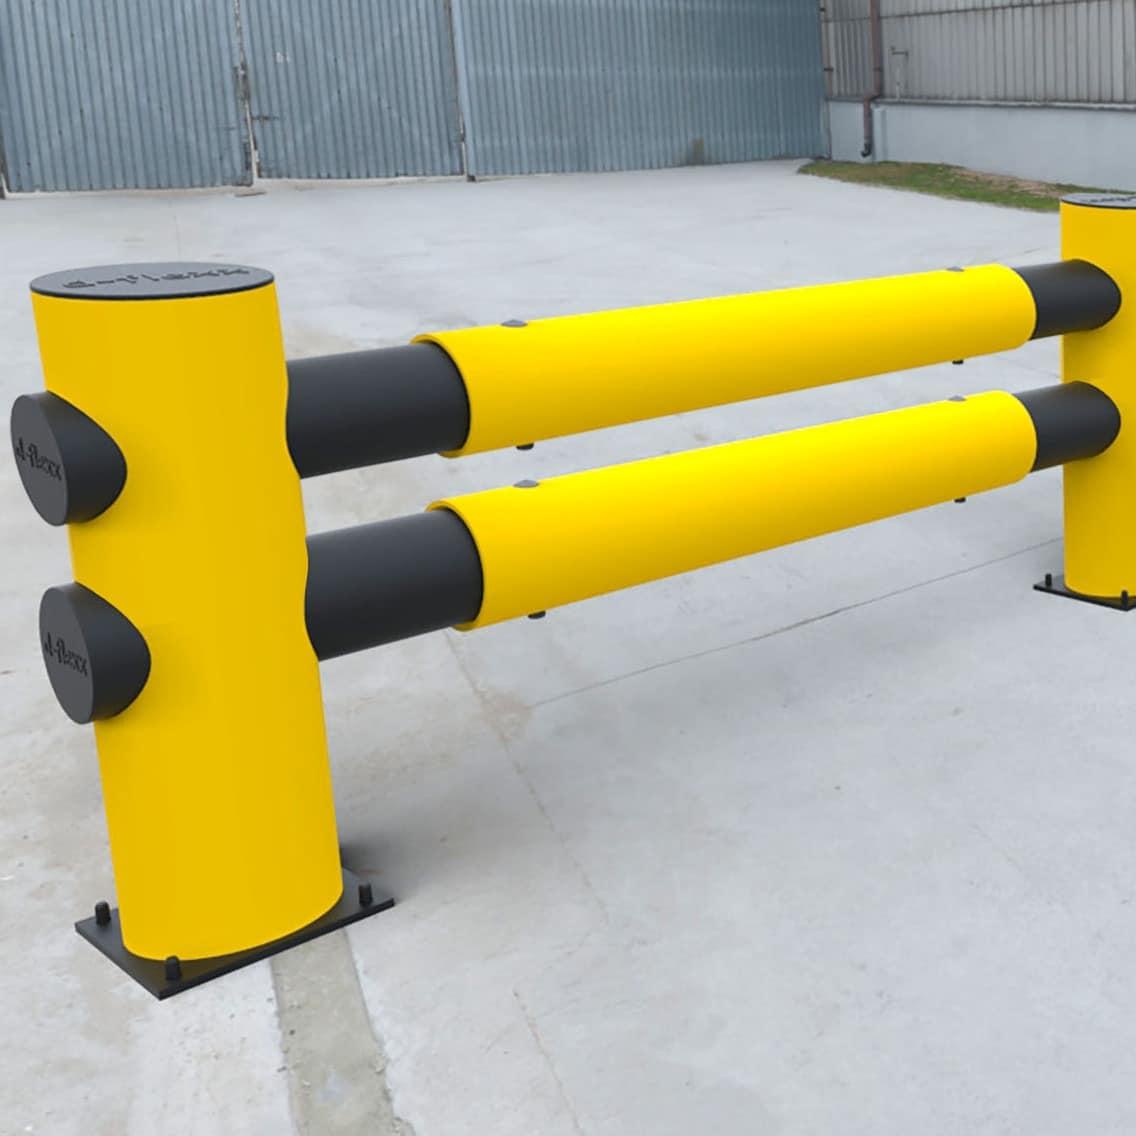 Barreras de seguridad baroig - Barrera de seguridad ...